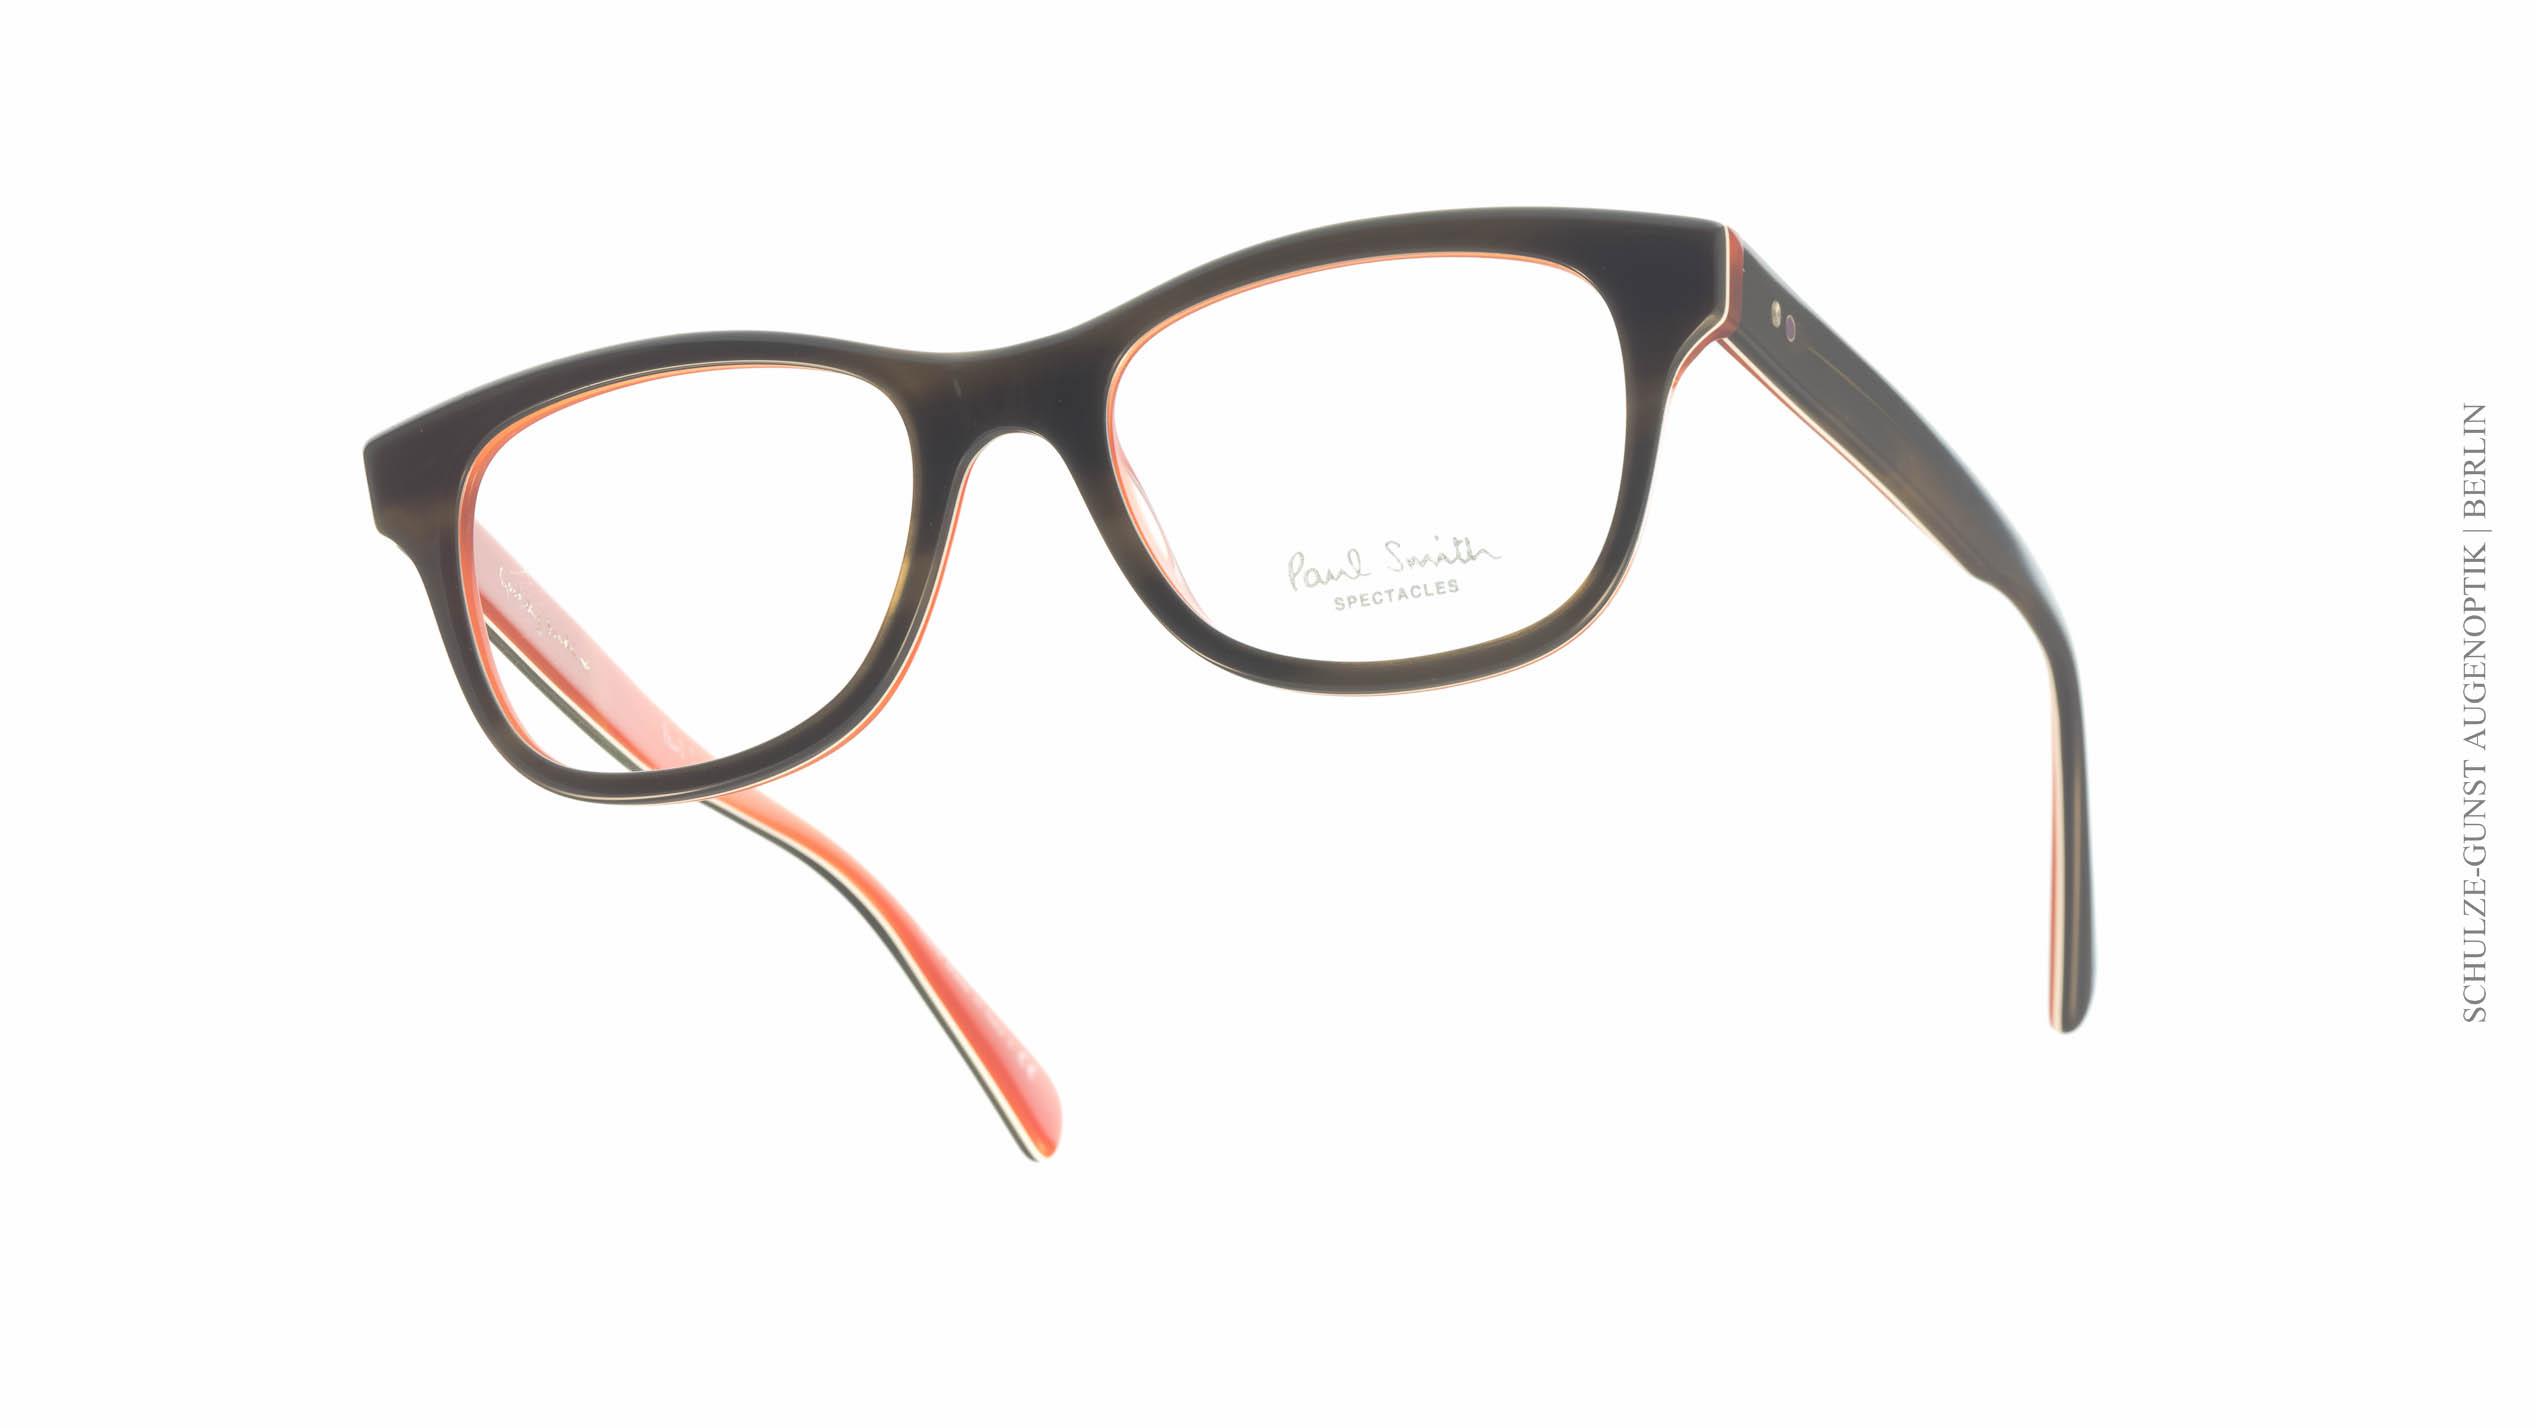 f5fcf01b2d46a1 damenbrille-massiv Archive - SCHULZE-GUNST Augenoptik seit 1894